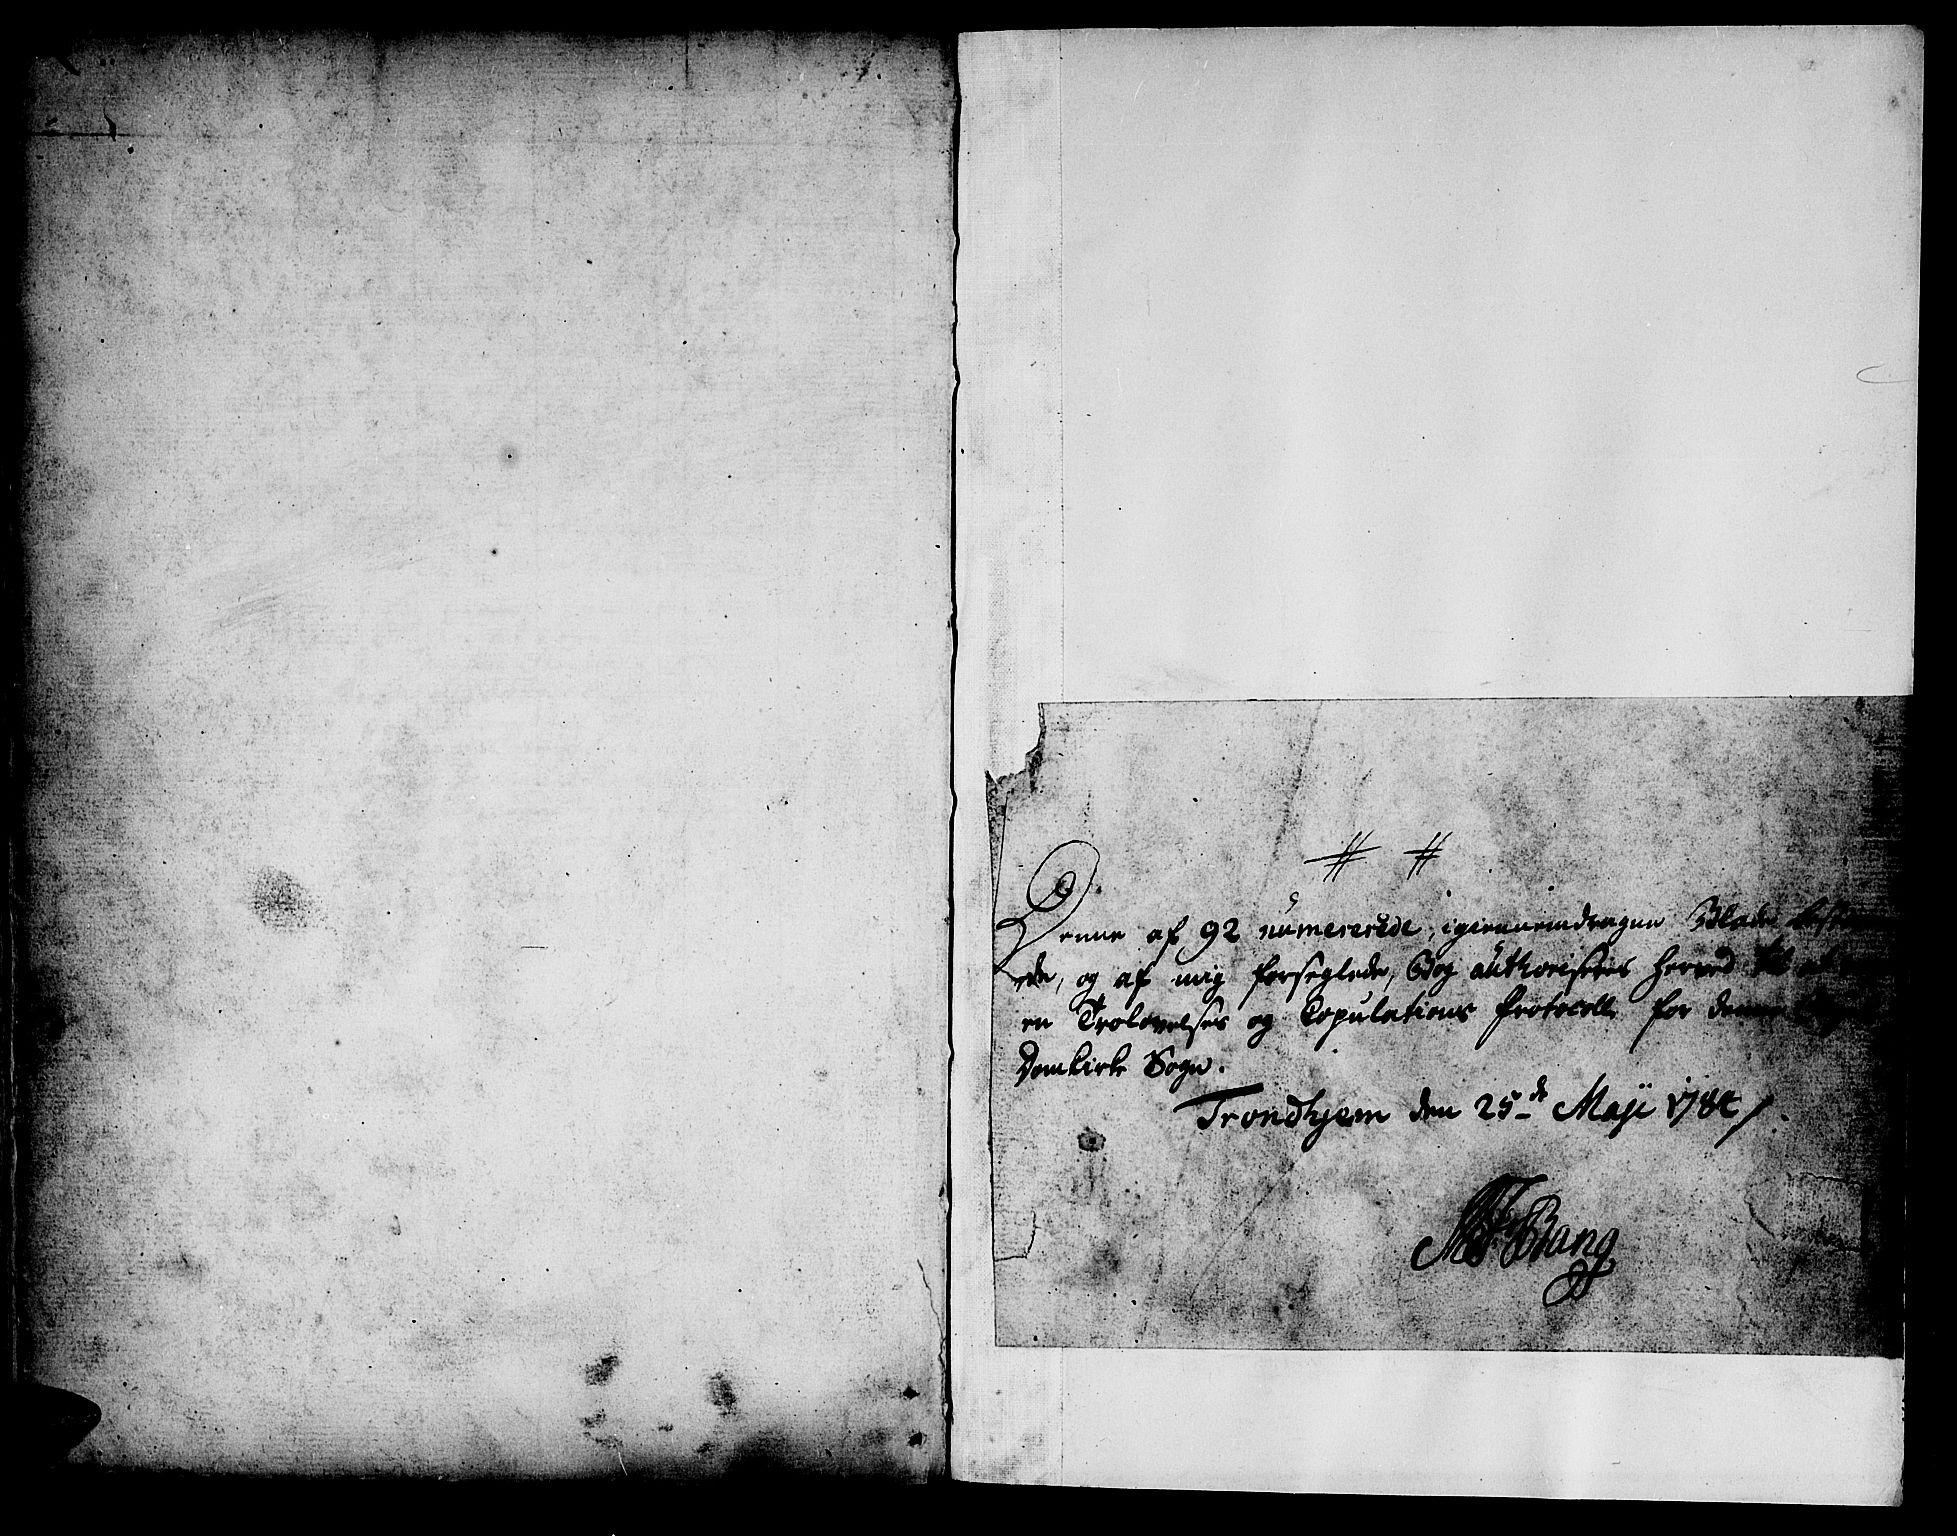 SAT, Ministerialprotokoller, klokkerbøker og fødselsregistre - Sør-Trøndelag, 601/L0041: Ministerialbok nr. 601A09, 1784-1801